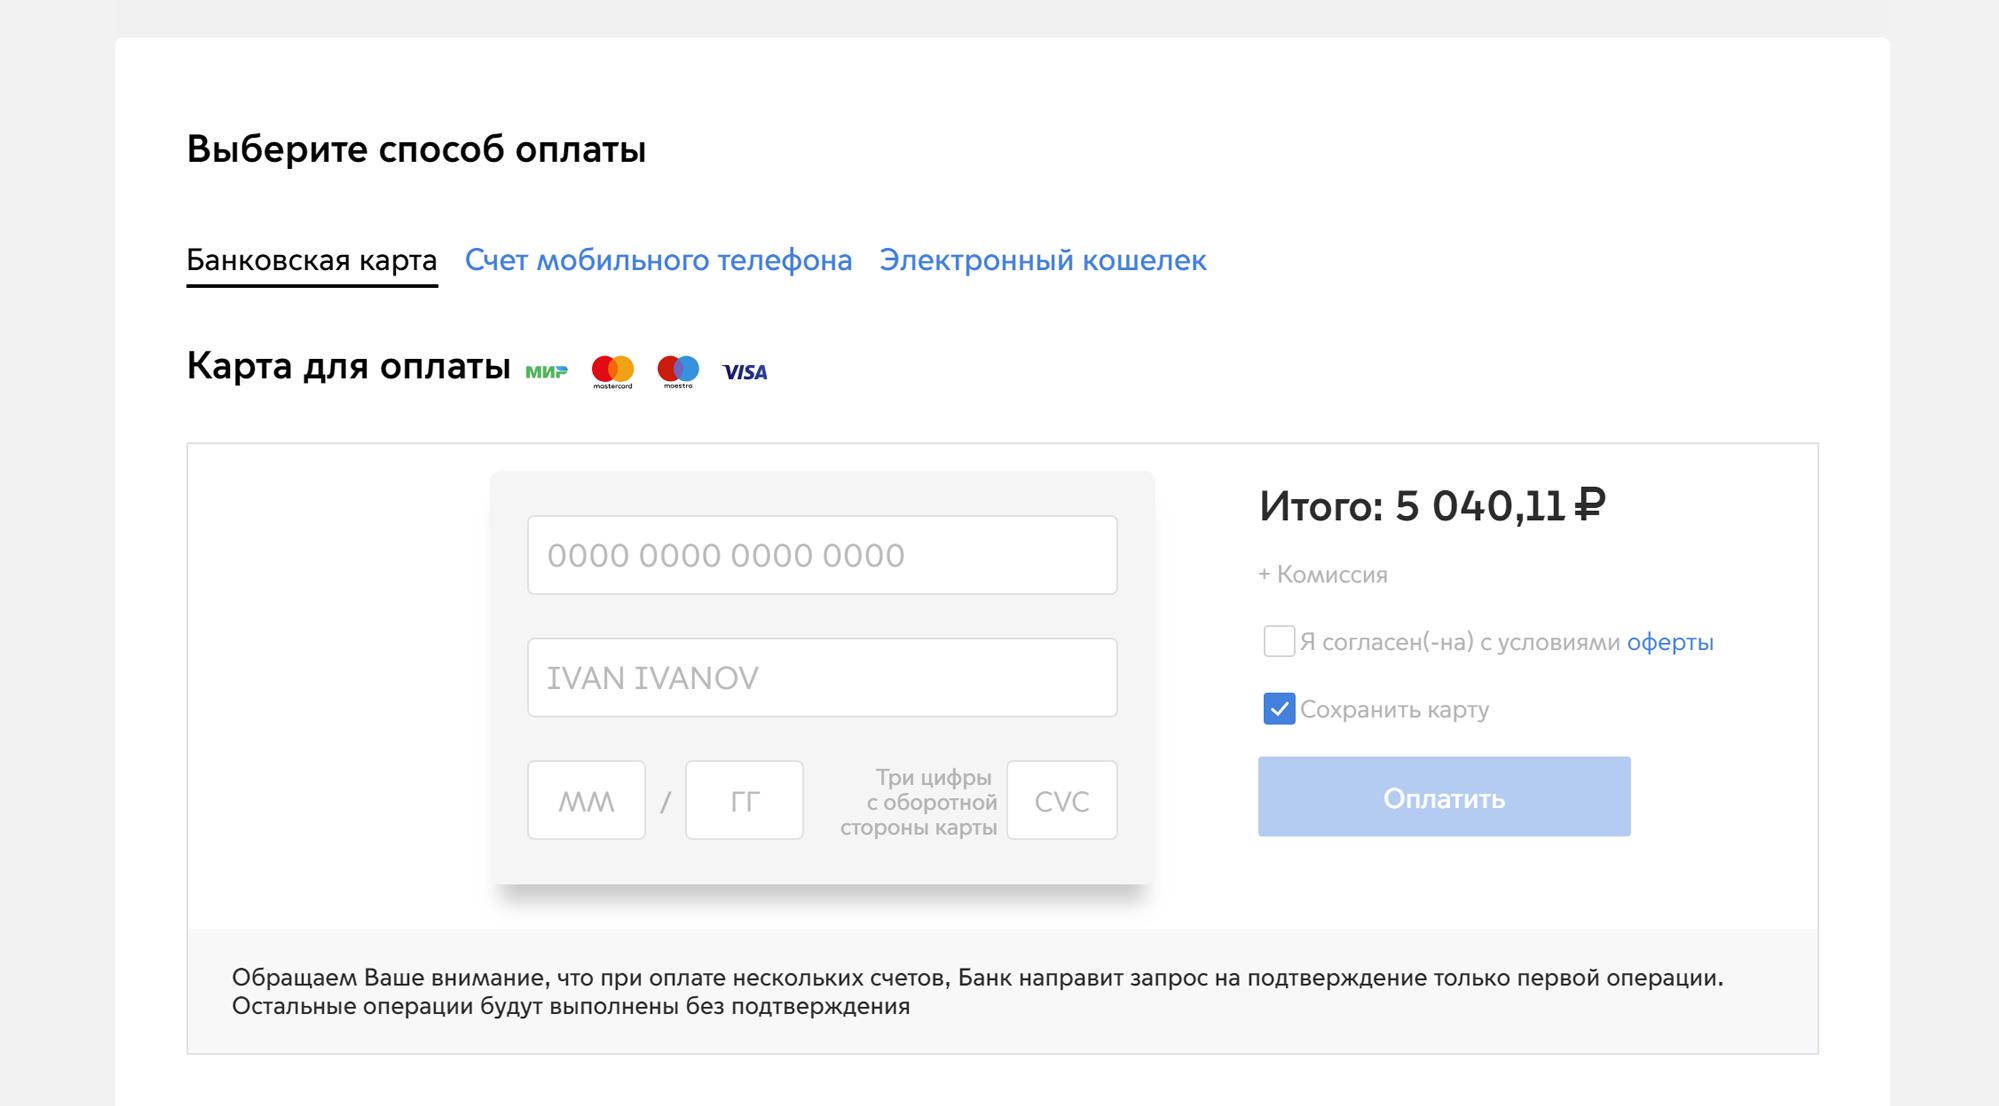 Комиссия при оплате через mos.ru — 0,8% от суммы (бесплатно для держателей карт Банка Москвы)